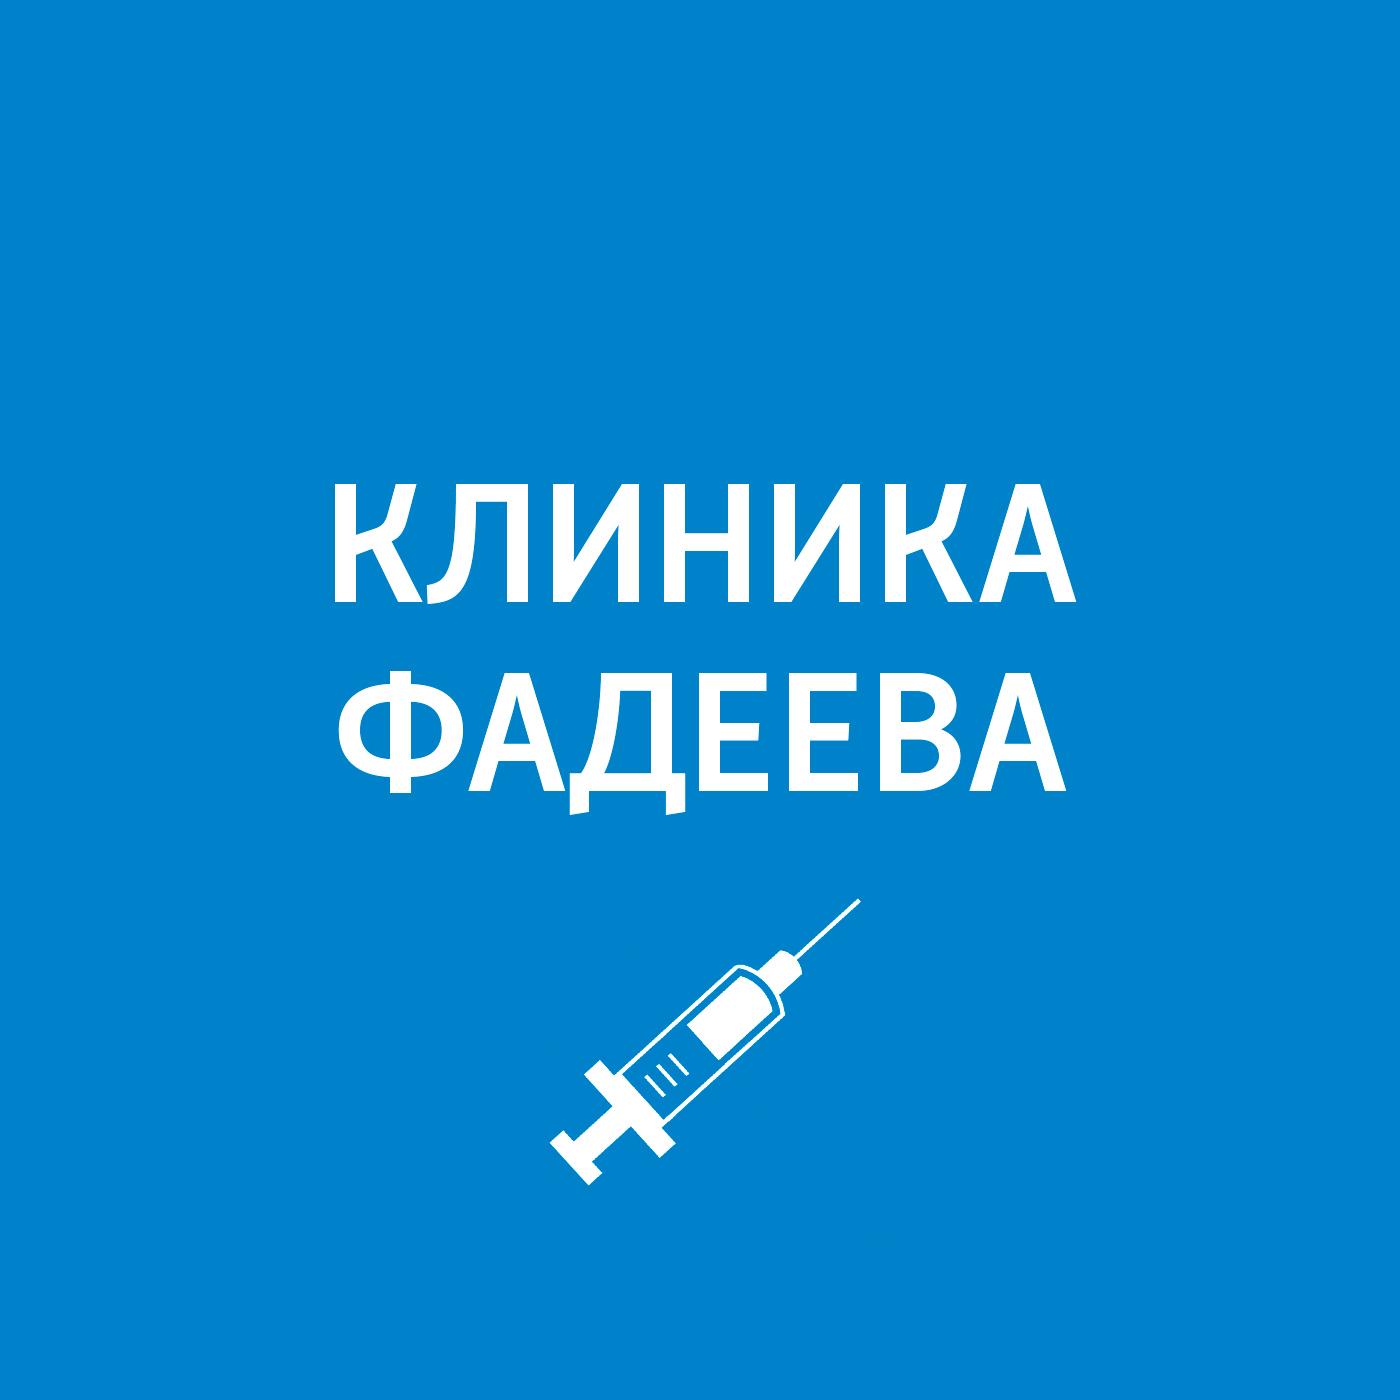 Пётр Фадеев Приём ведёт врач-трихолог. Восстановление волос после зимы